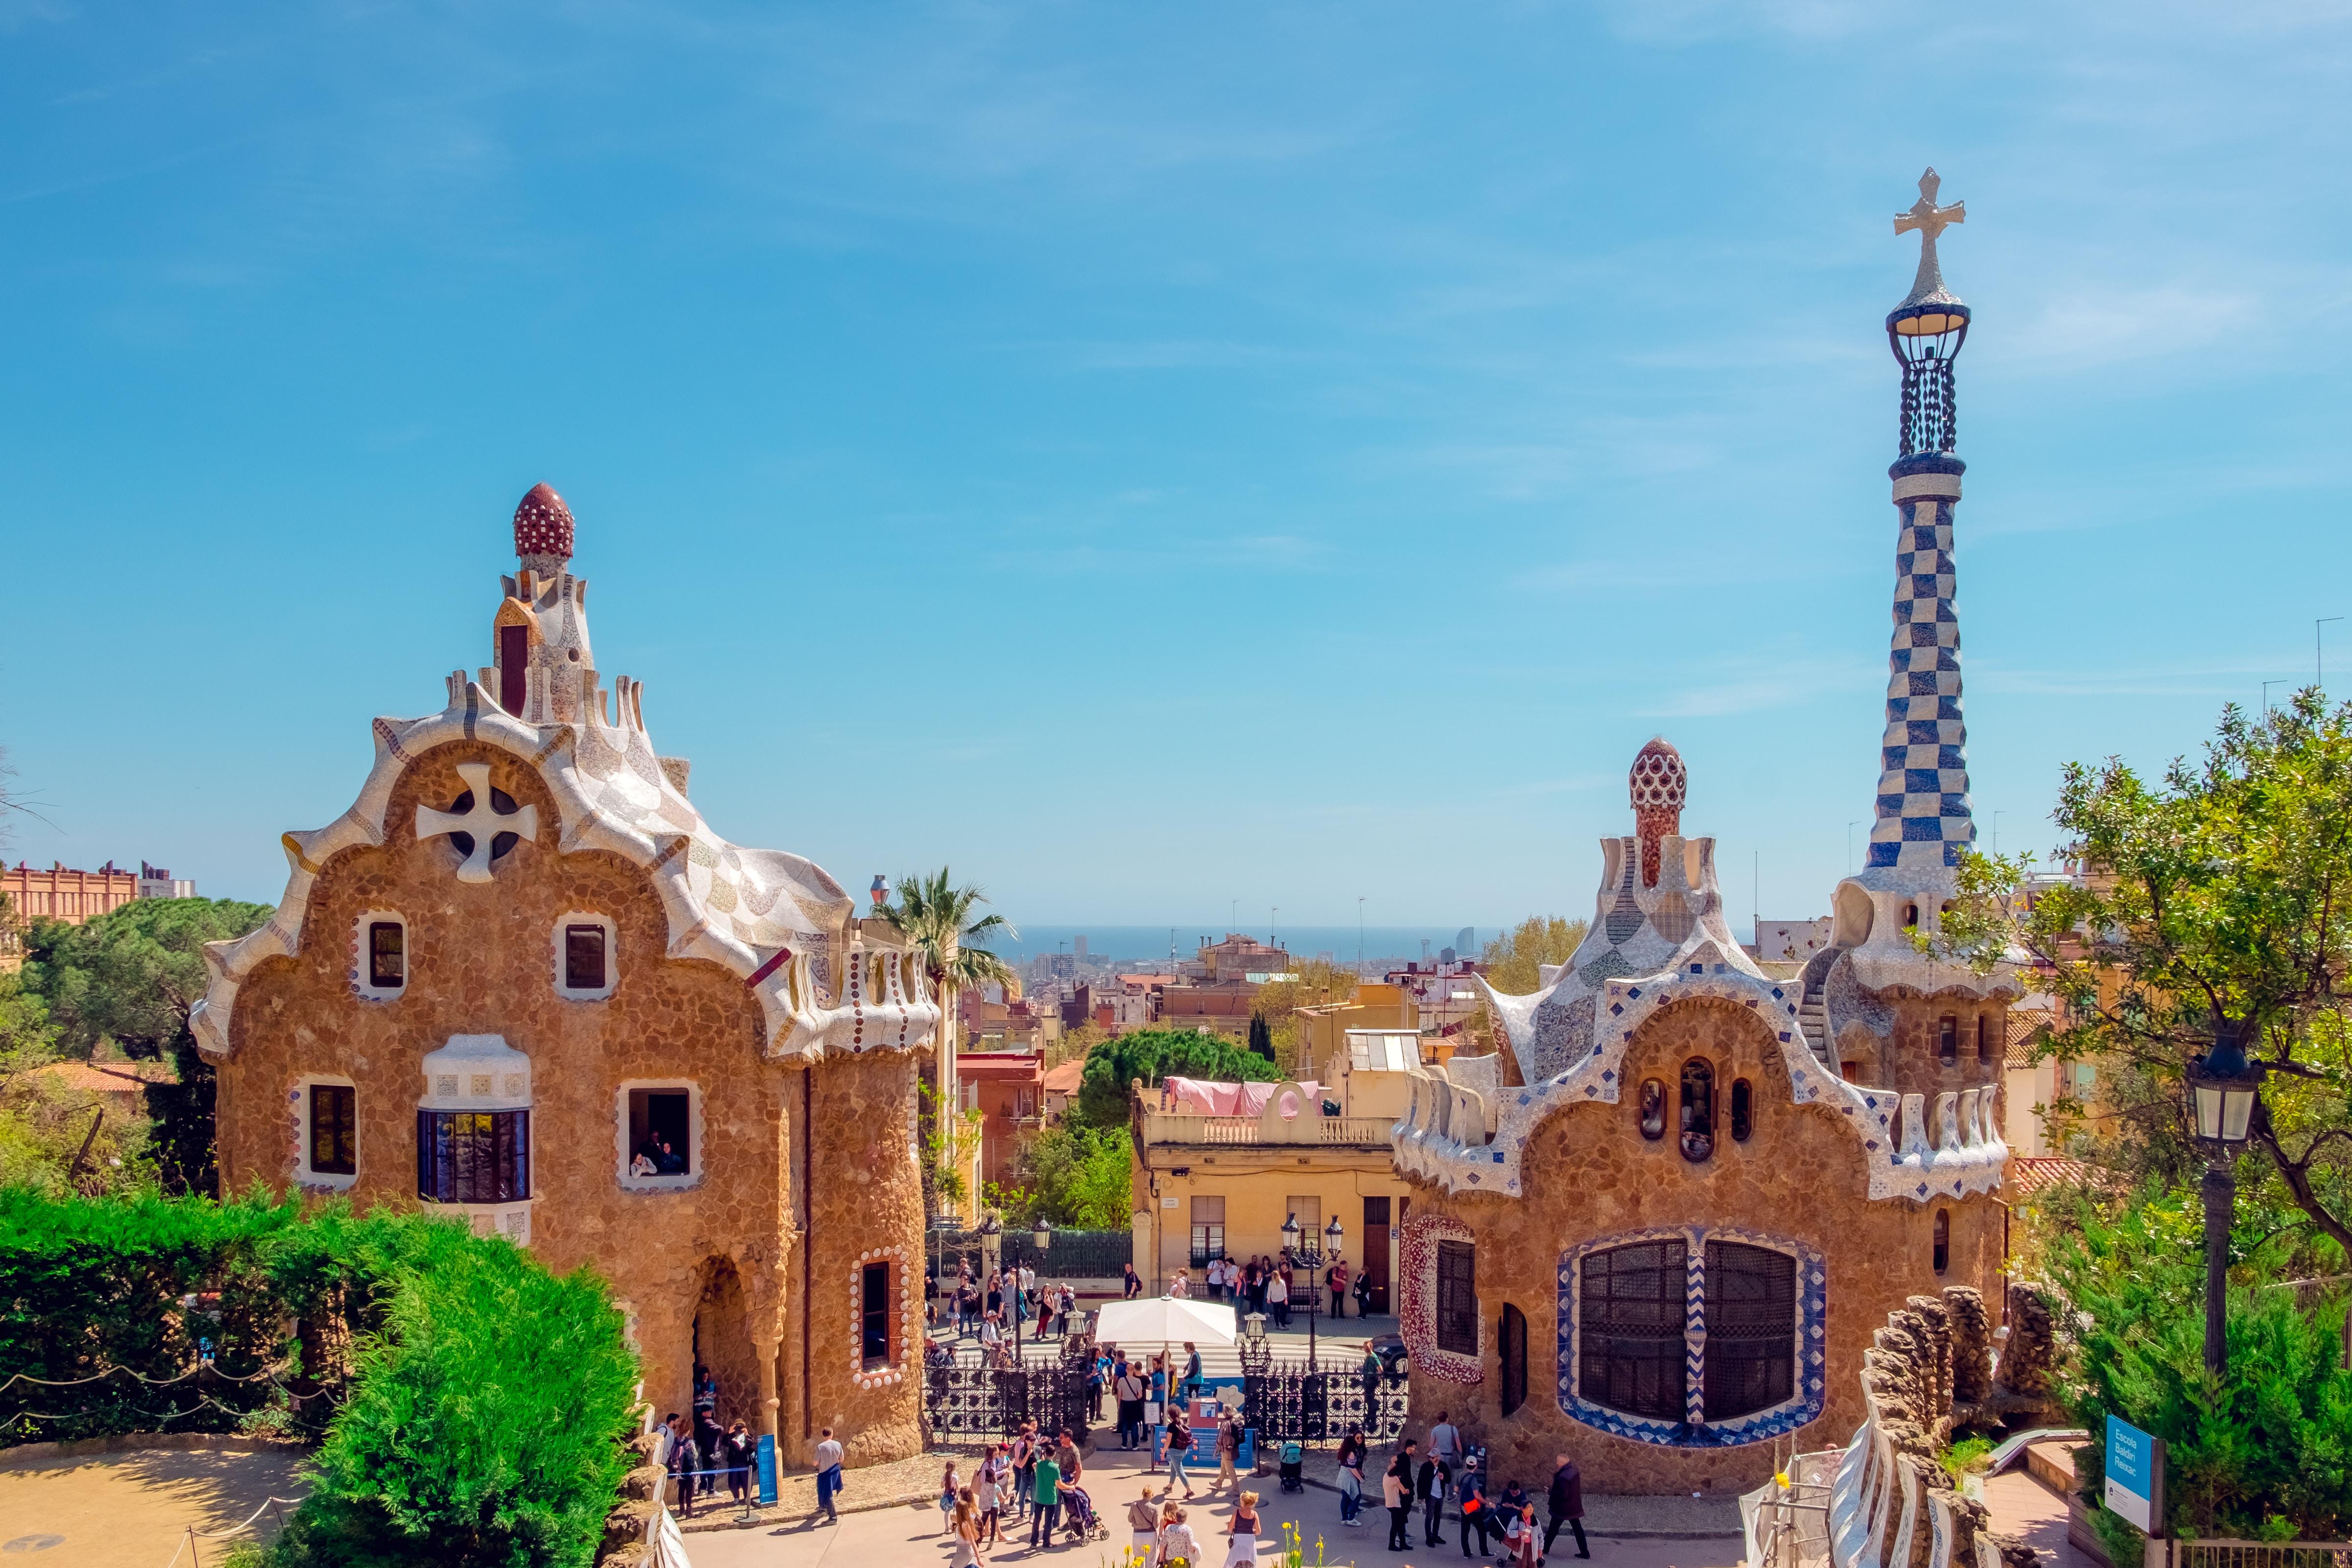 Organisation d'un seminaire séminaire en europe pour entreprise : Séminaire à Barcelone - image 1